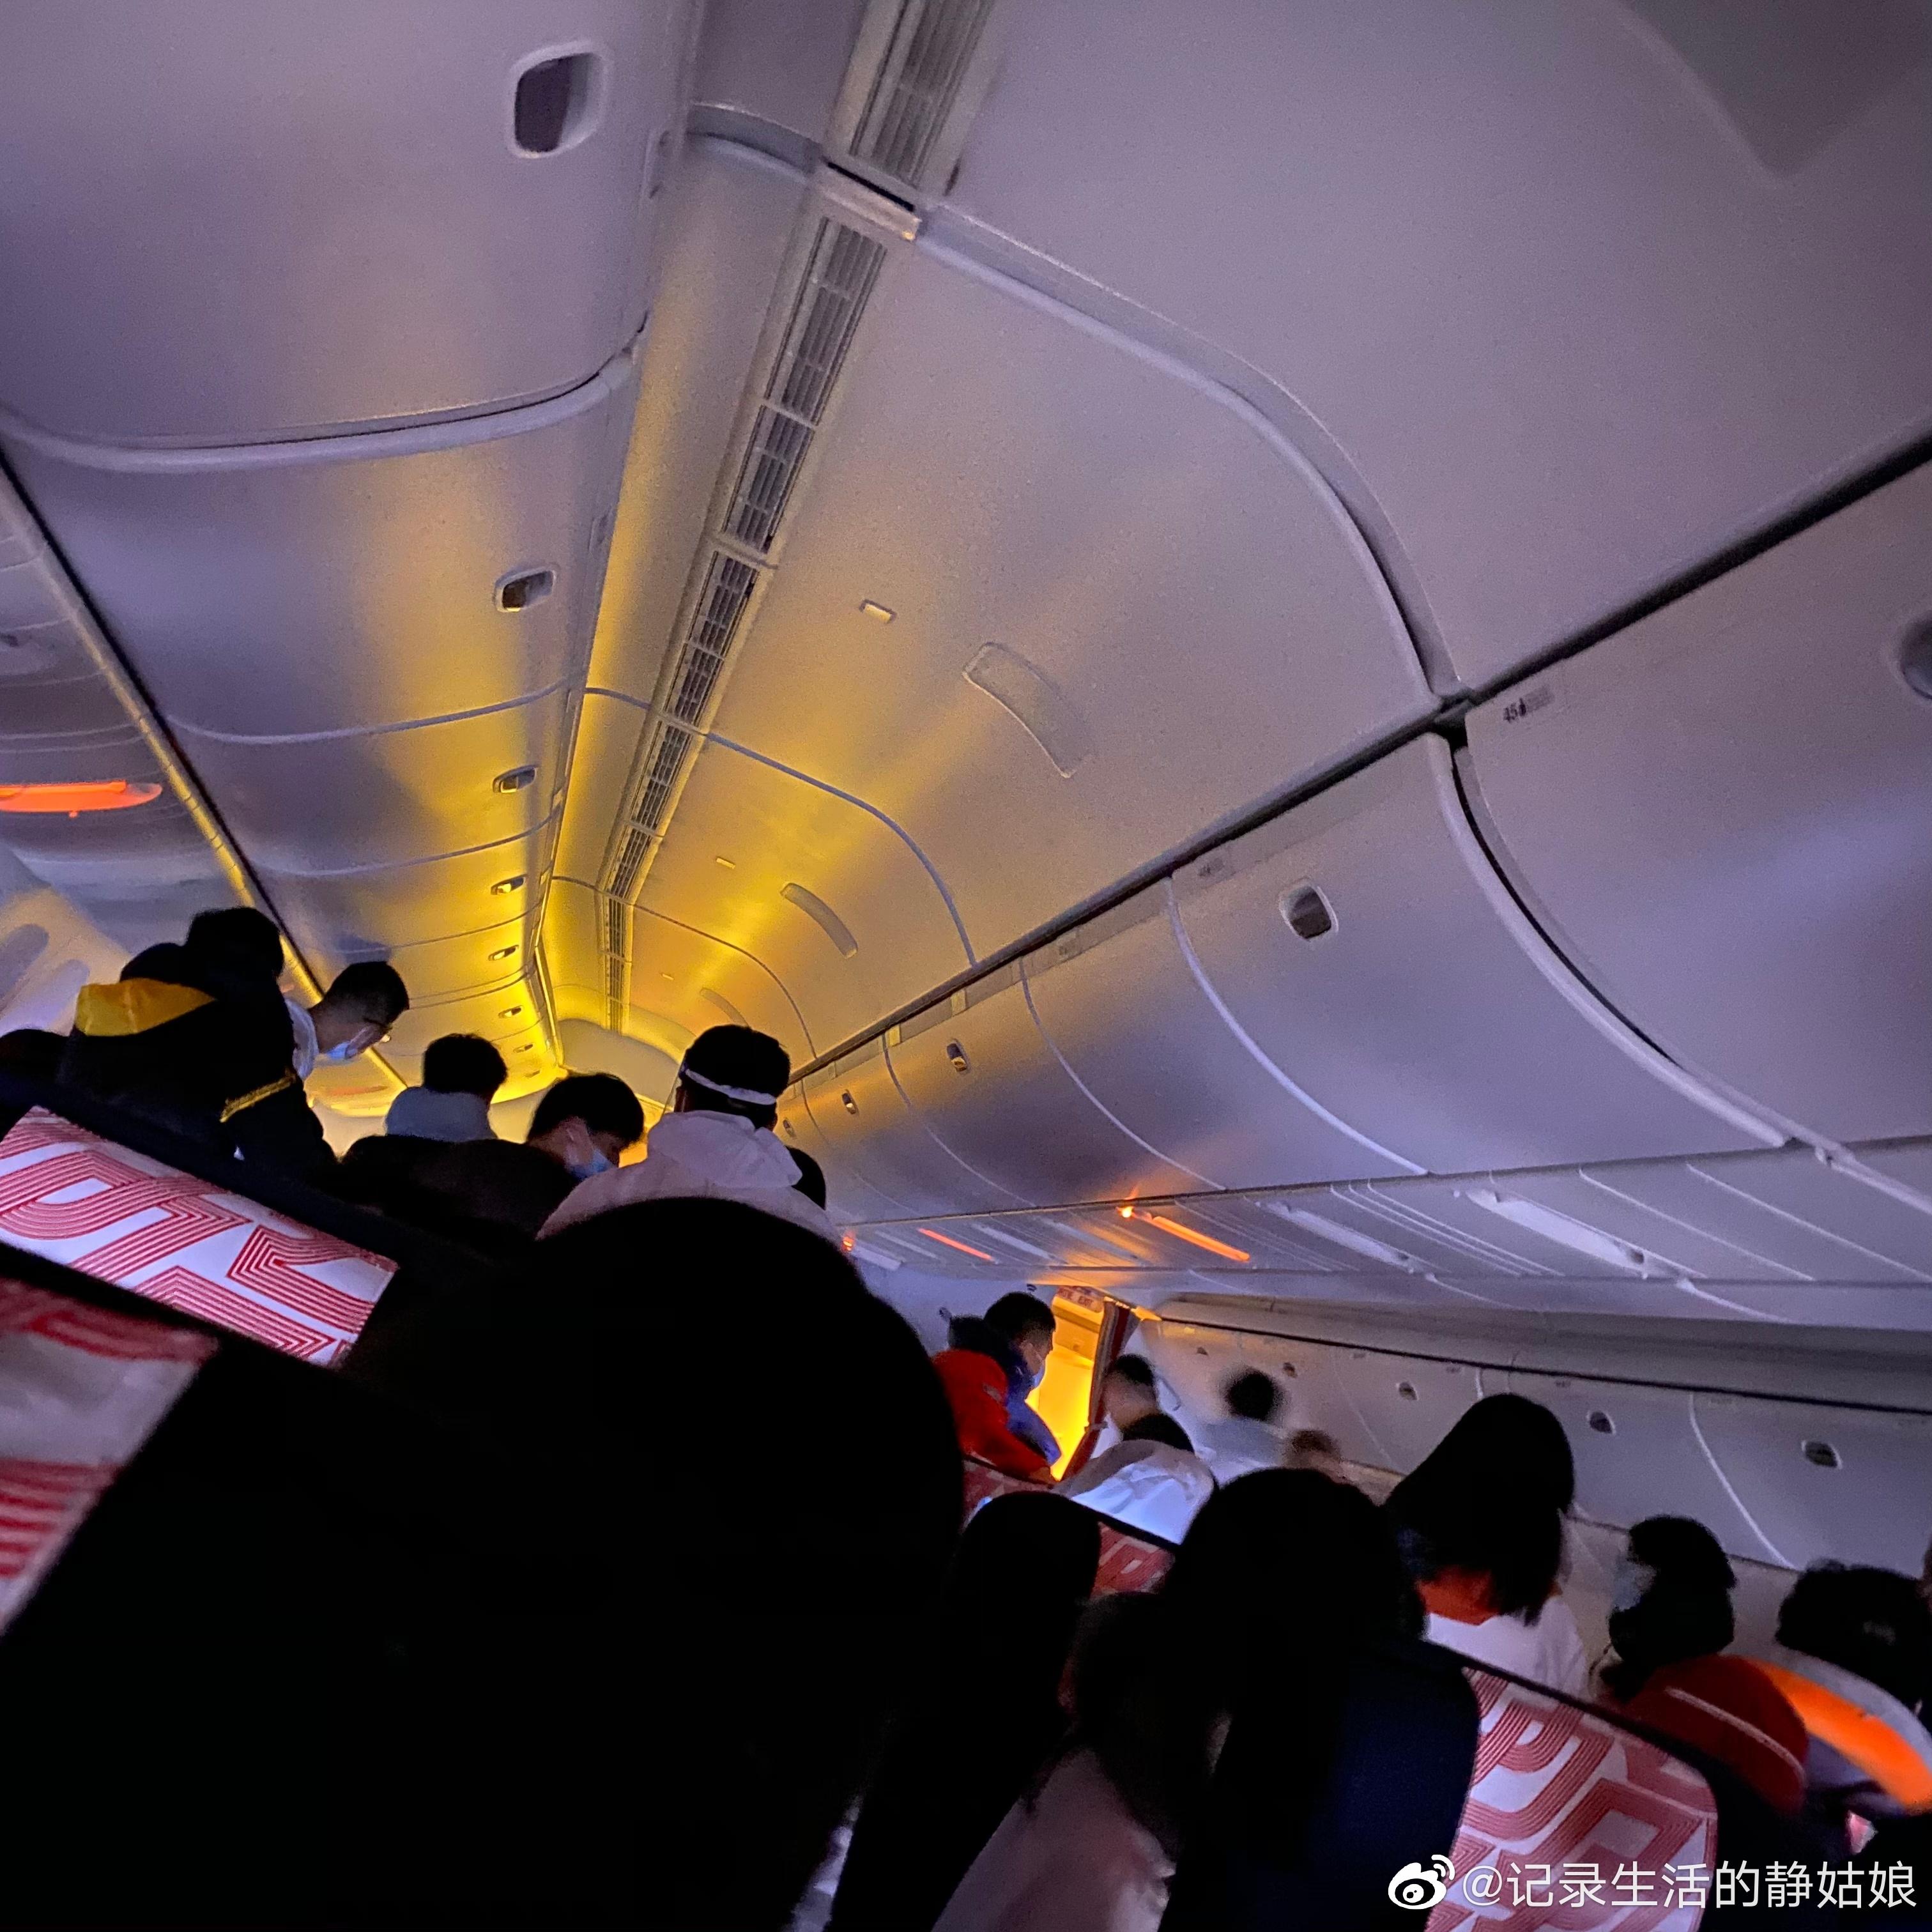 法航一班机客舱起火后返回北京首都机场:一声巨响、火光冲天